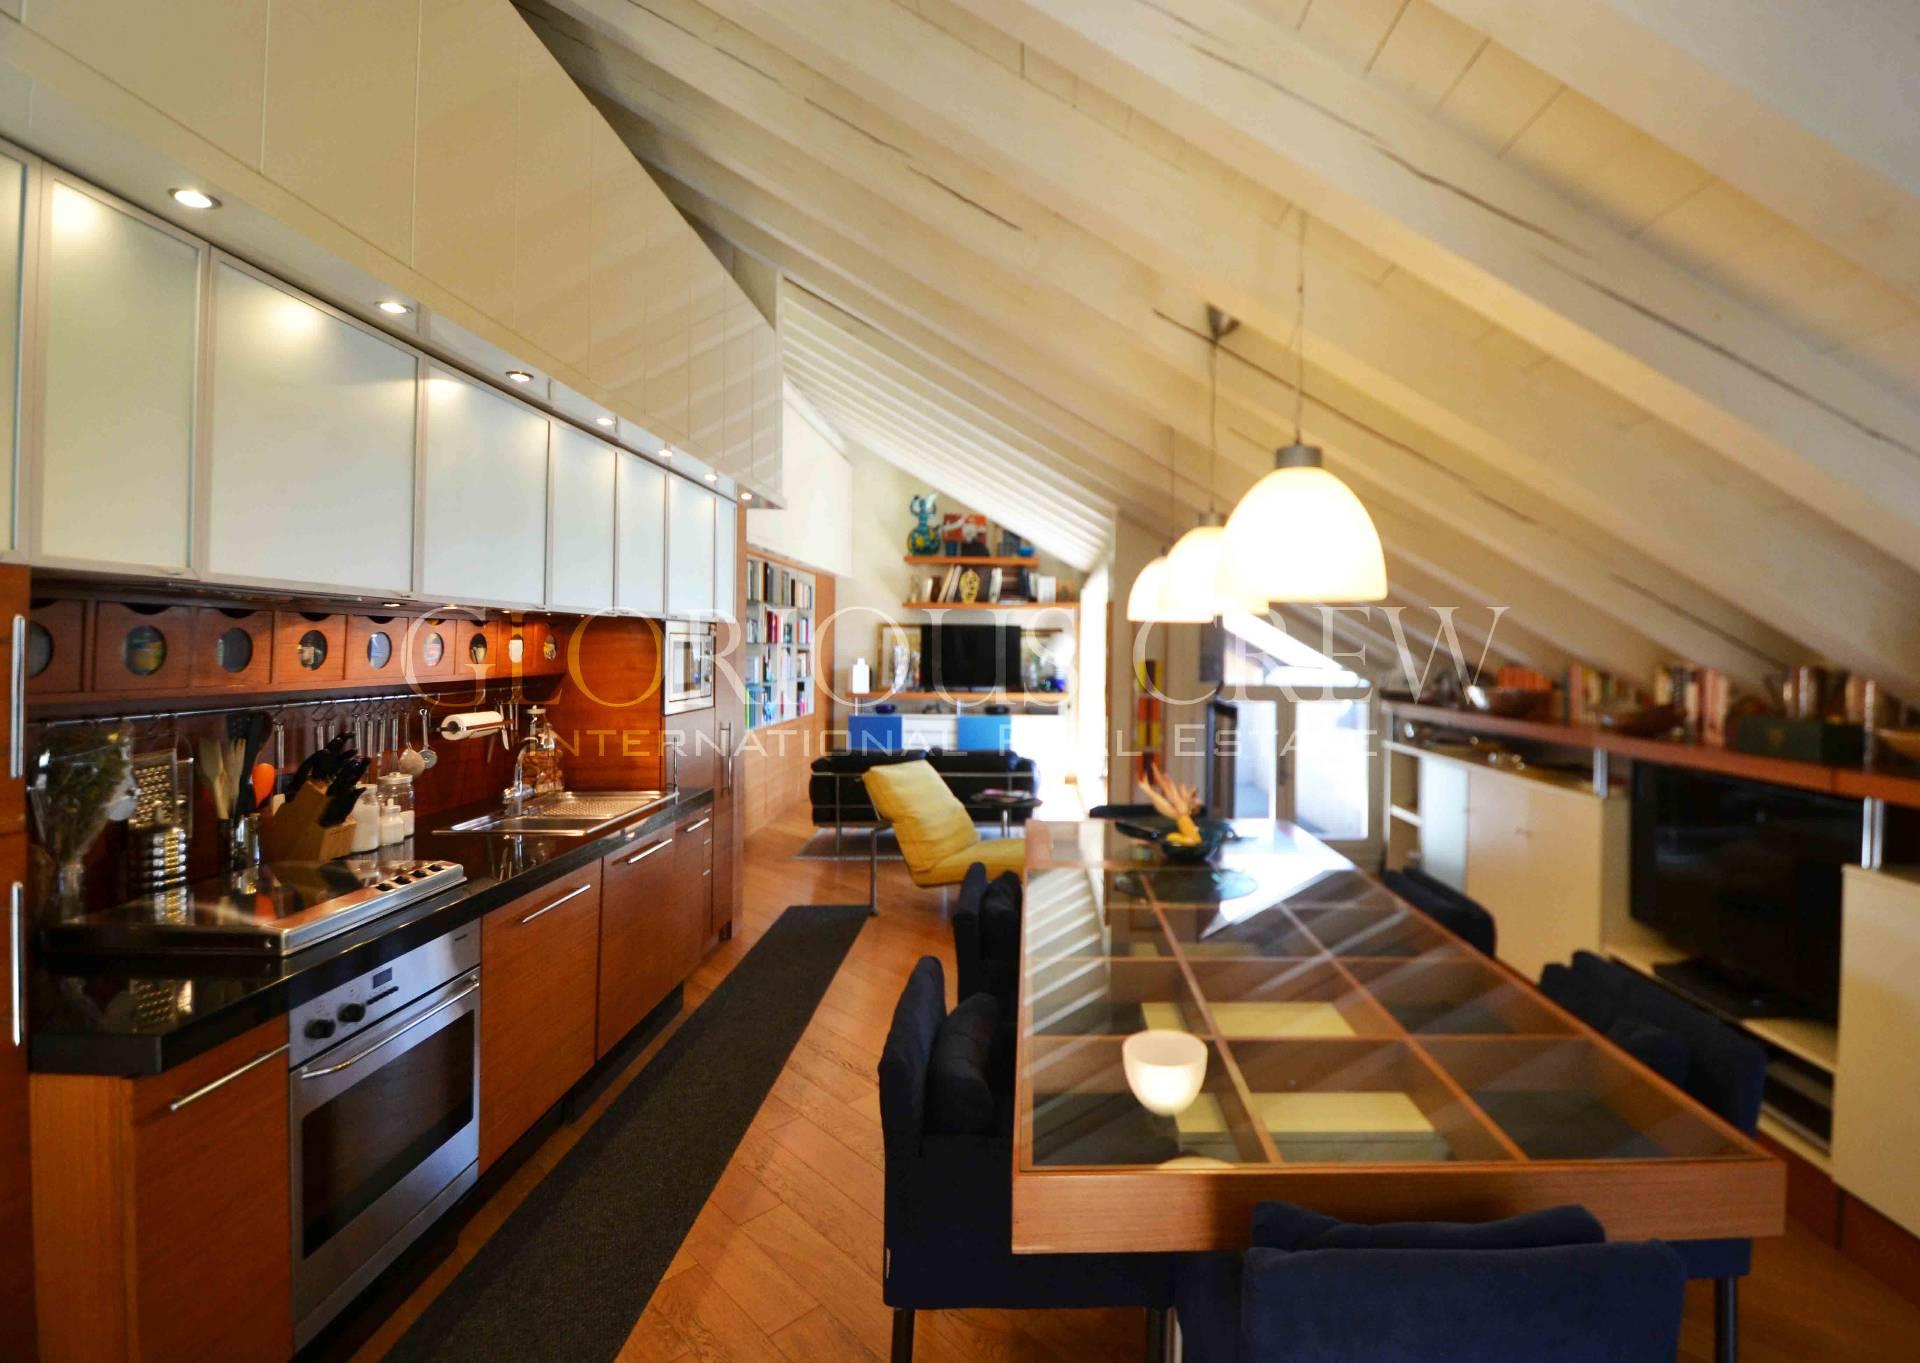 Appartamento in Vendita a Pieve Emanuele: 4 locali, 200 mq - Foto 4